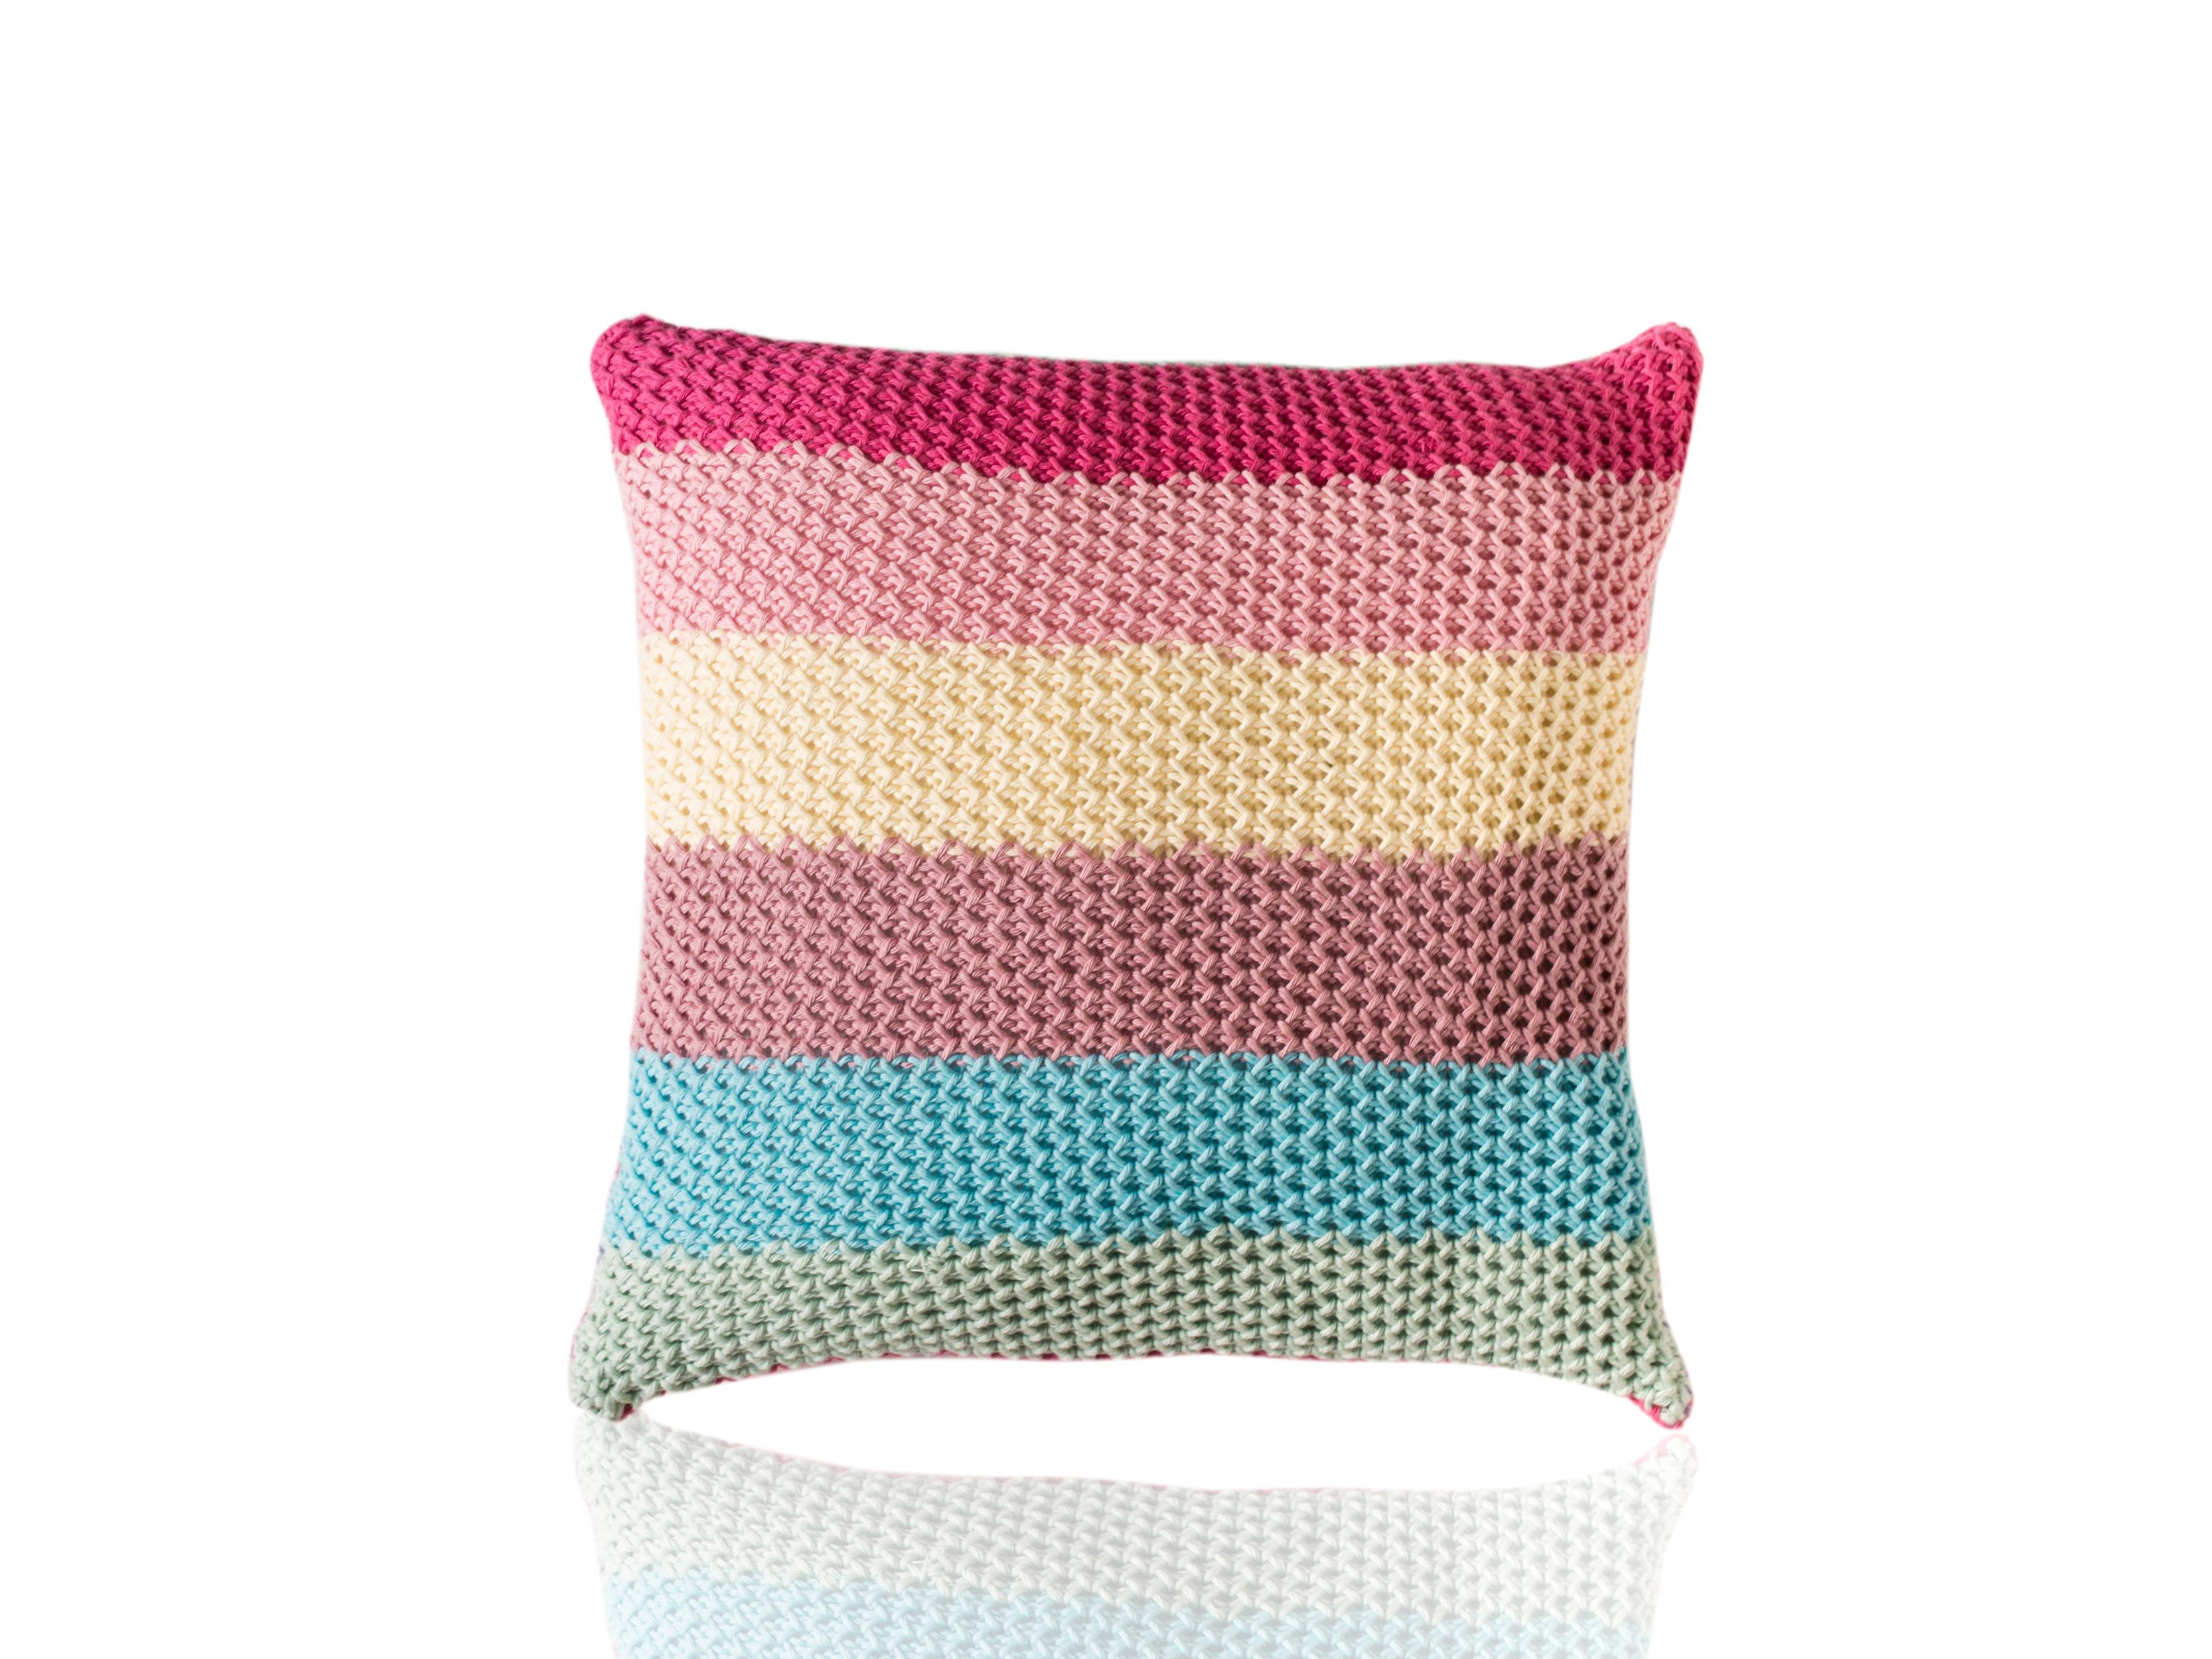 Подушка DoceКвадратные подушки и наволочки<br>Doce - вязаная диванная подушка ручной работы - сделана из высококачественных материалов в Барселоне, Испания. Яркая, мягкая и красивая, эта вещь добавит комфорта и уюта любому домашнему декору.&amp;amp;nbsp;&amp;lt;div&amp;gt;&amp;lt;br&amp;gt;&amp;lt;/div&amp;gt;&amp;lt;div&amp;gt;Состав наволочки: 100% хлопок&amp;amp;nbsp;&amp;lt;/div&amp;gt;&amp;lt;div&amp;gt;Наполнитель (вынимающаяся подушка): 100% полиэстер&amp;amp;nbsp;&amp;lt;/div&amp;gt;<br><br>Material: Хлопок<br>Ширина см: 40.0<br>Высота см: 40.0<br>Глубина см: 10.0